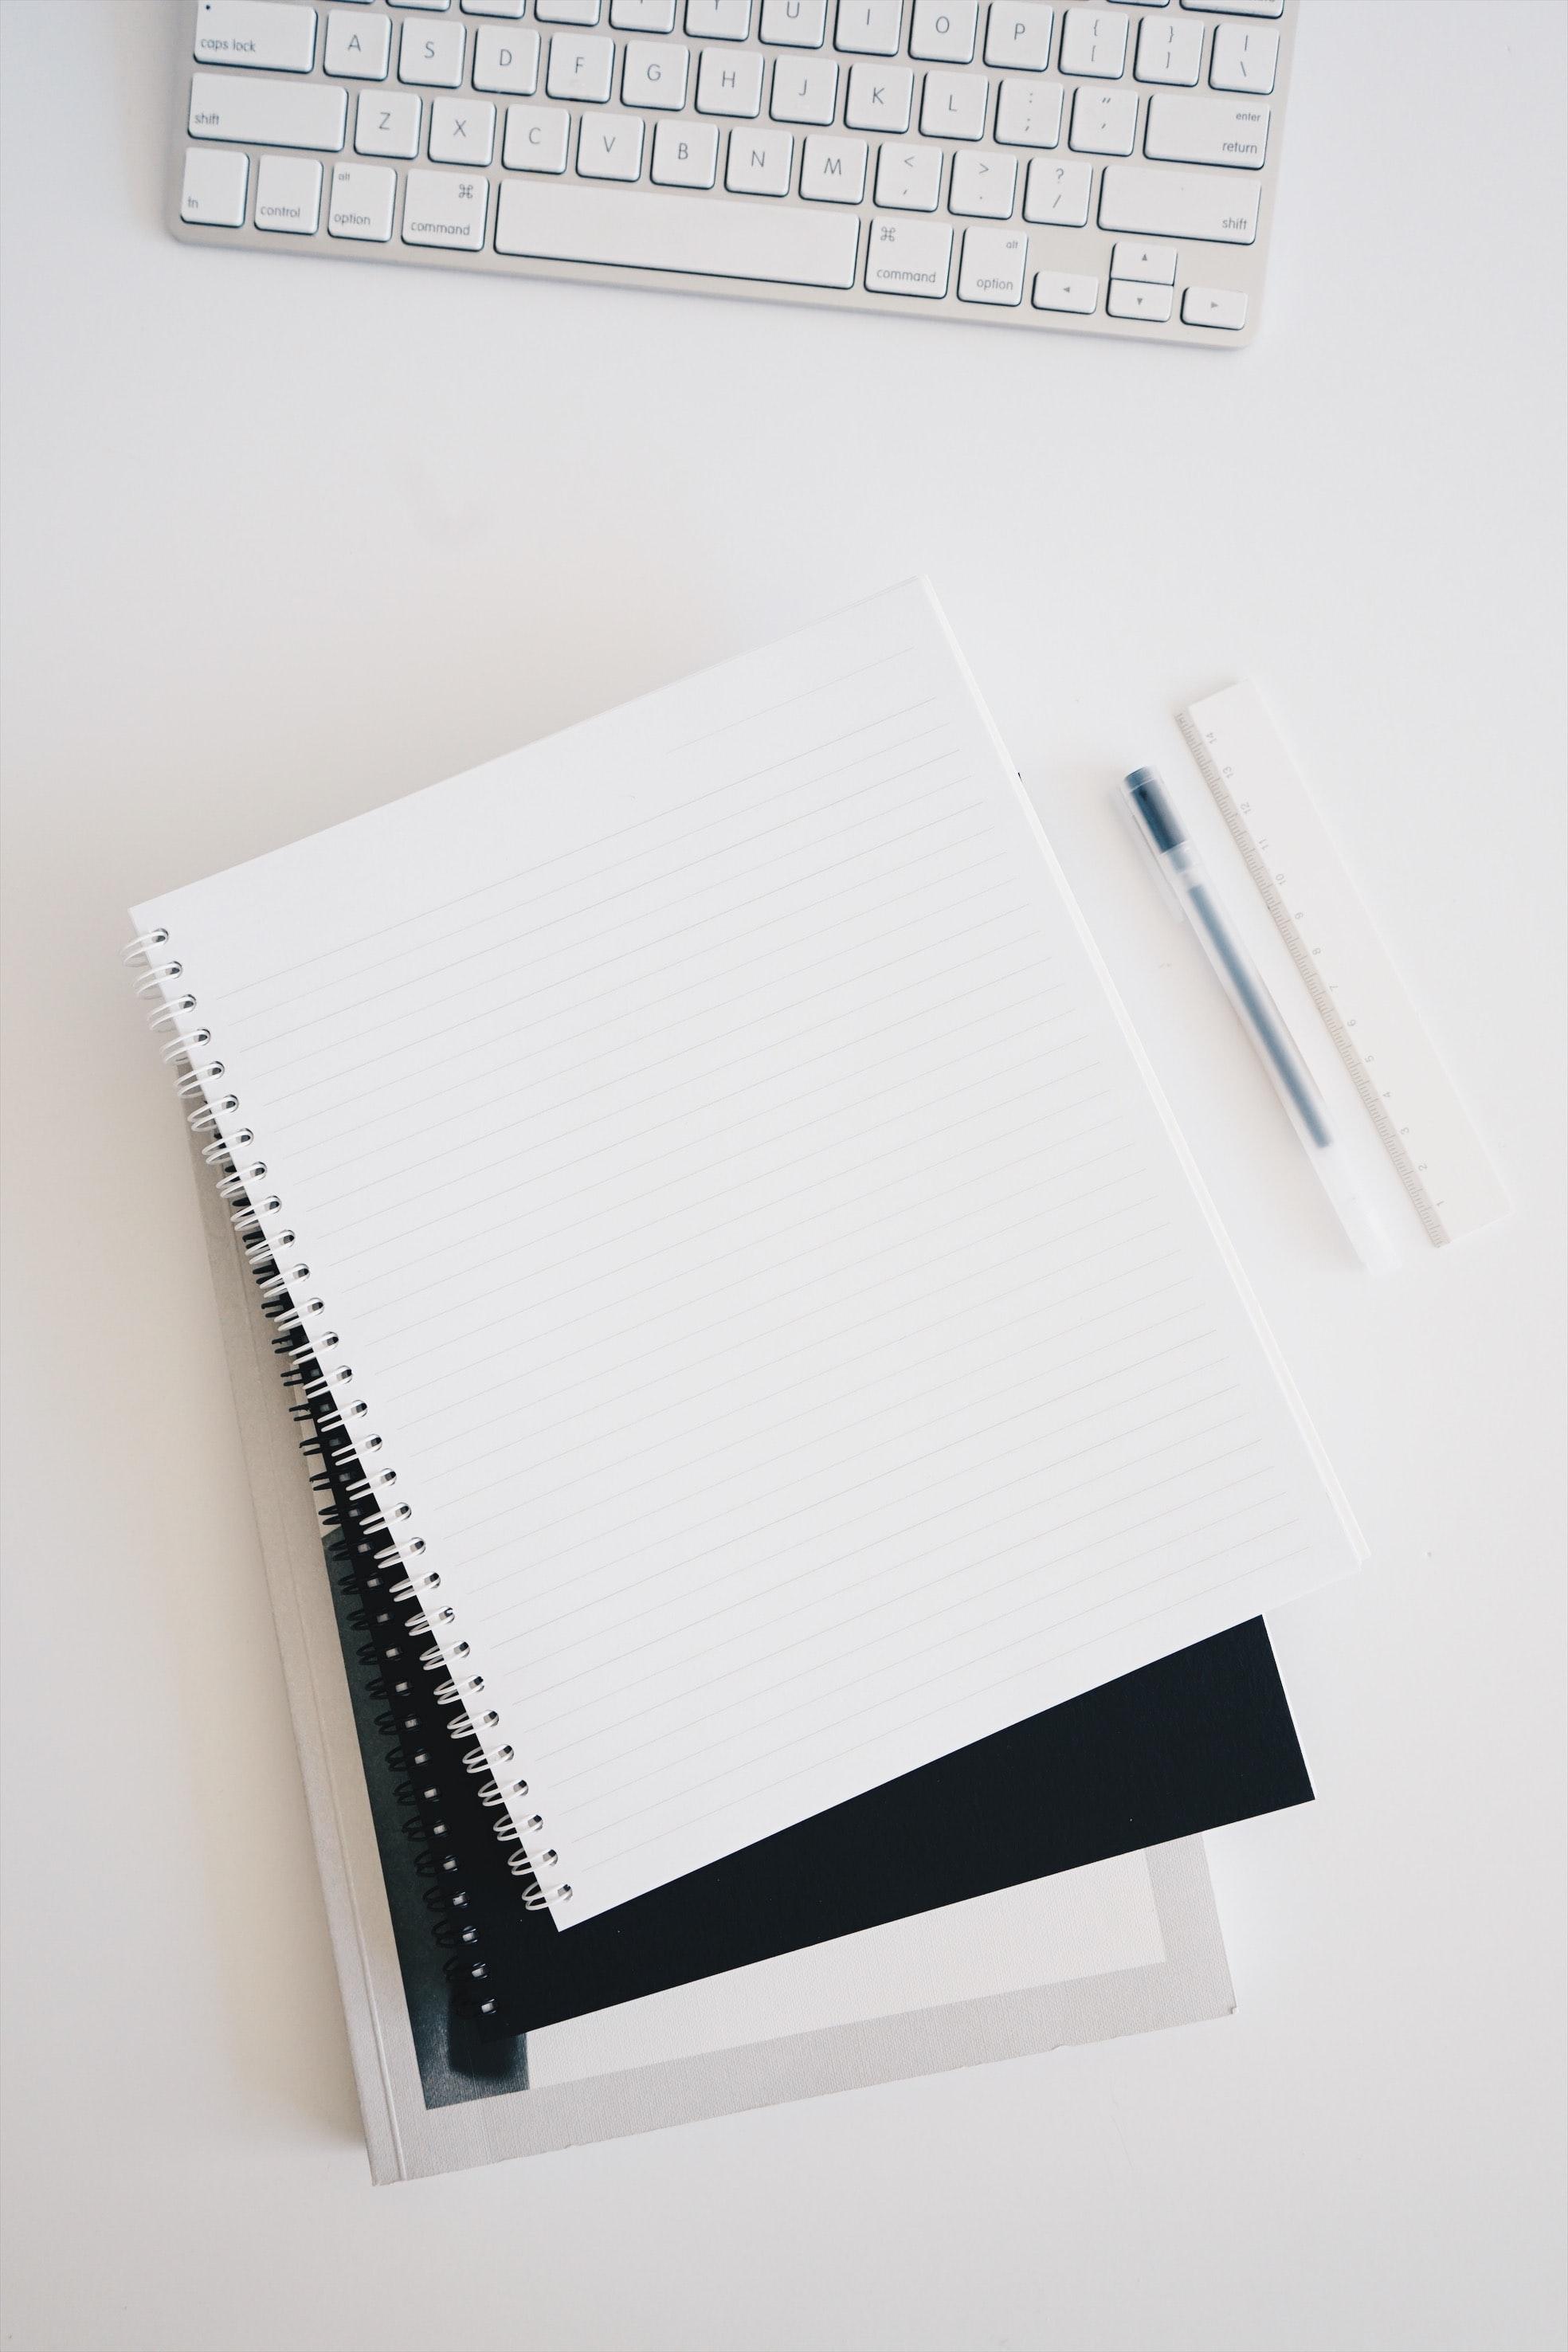 La comptabilité de la micro-entreprise: comment ça marche ?